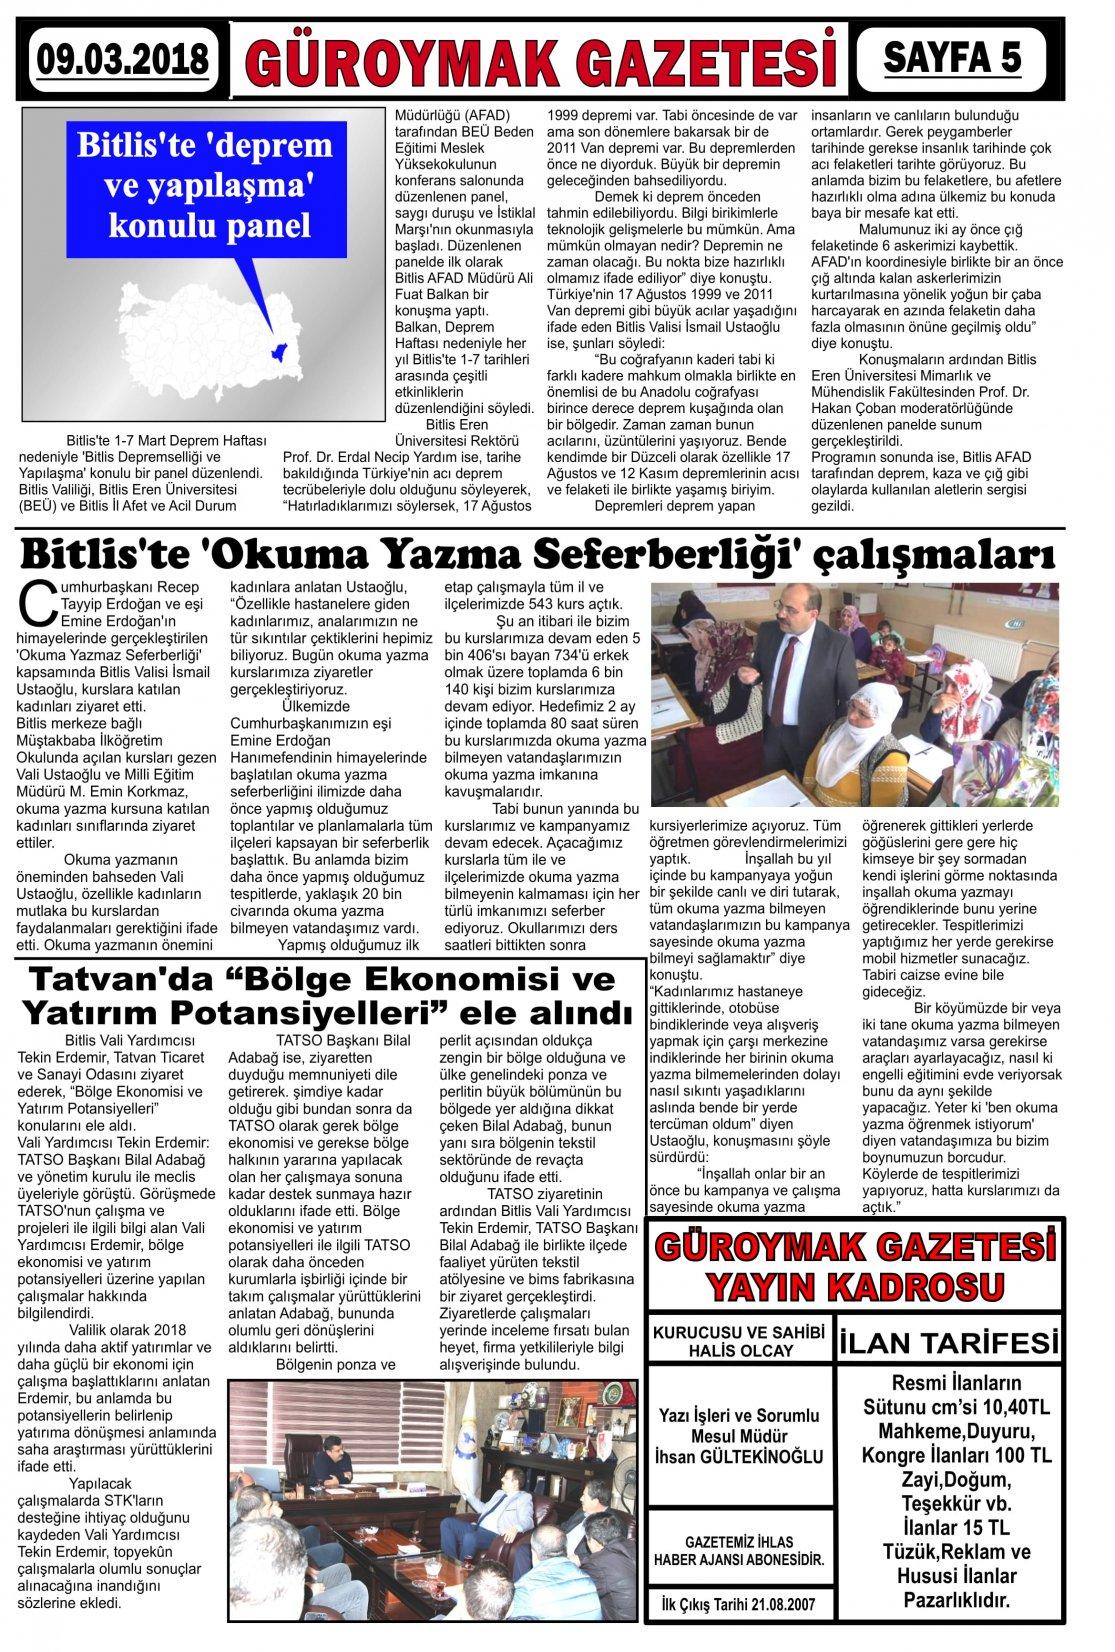 Güroymak Gazetesi  Sayılı Gazete Küpürü